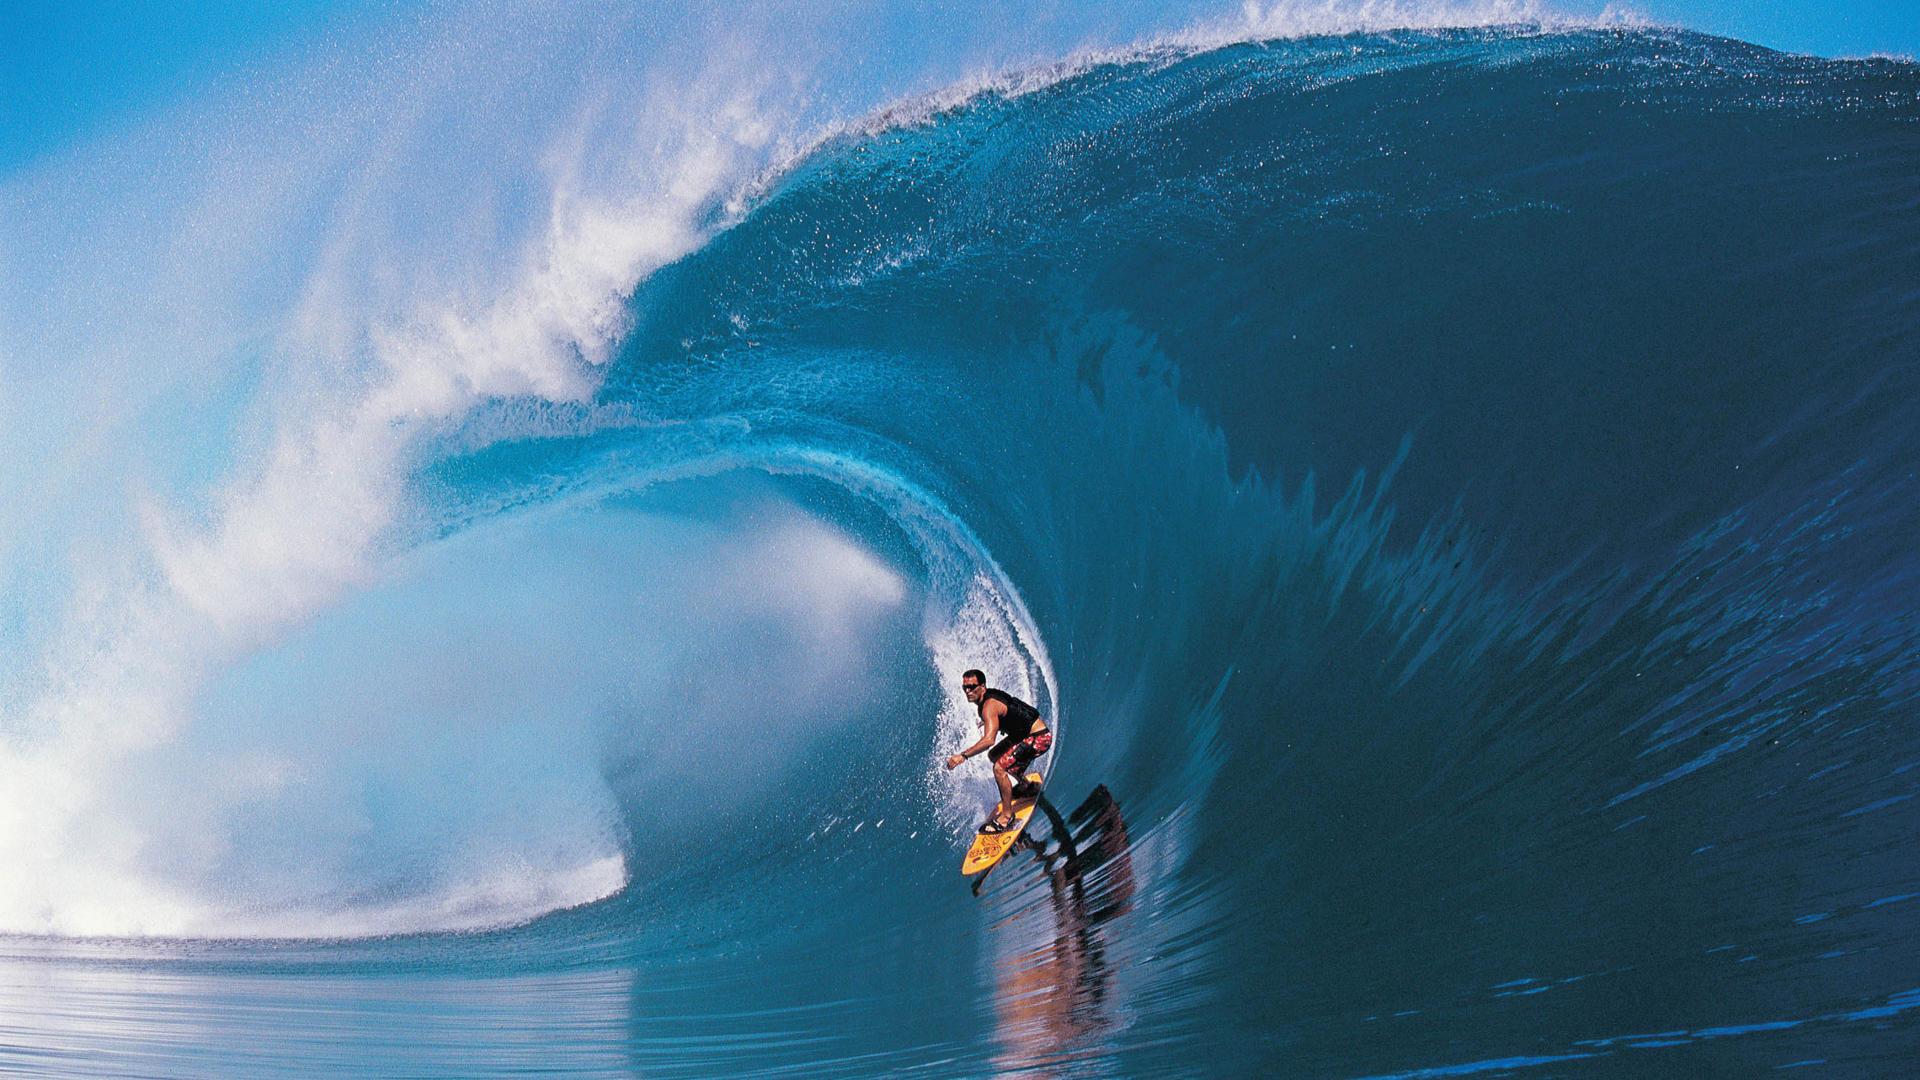 surfing wallpapers desktop wallpaper »